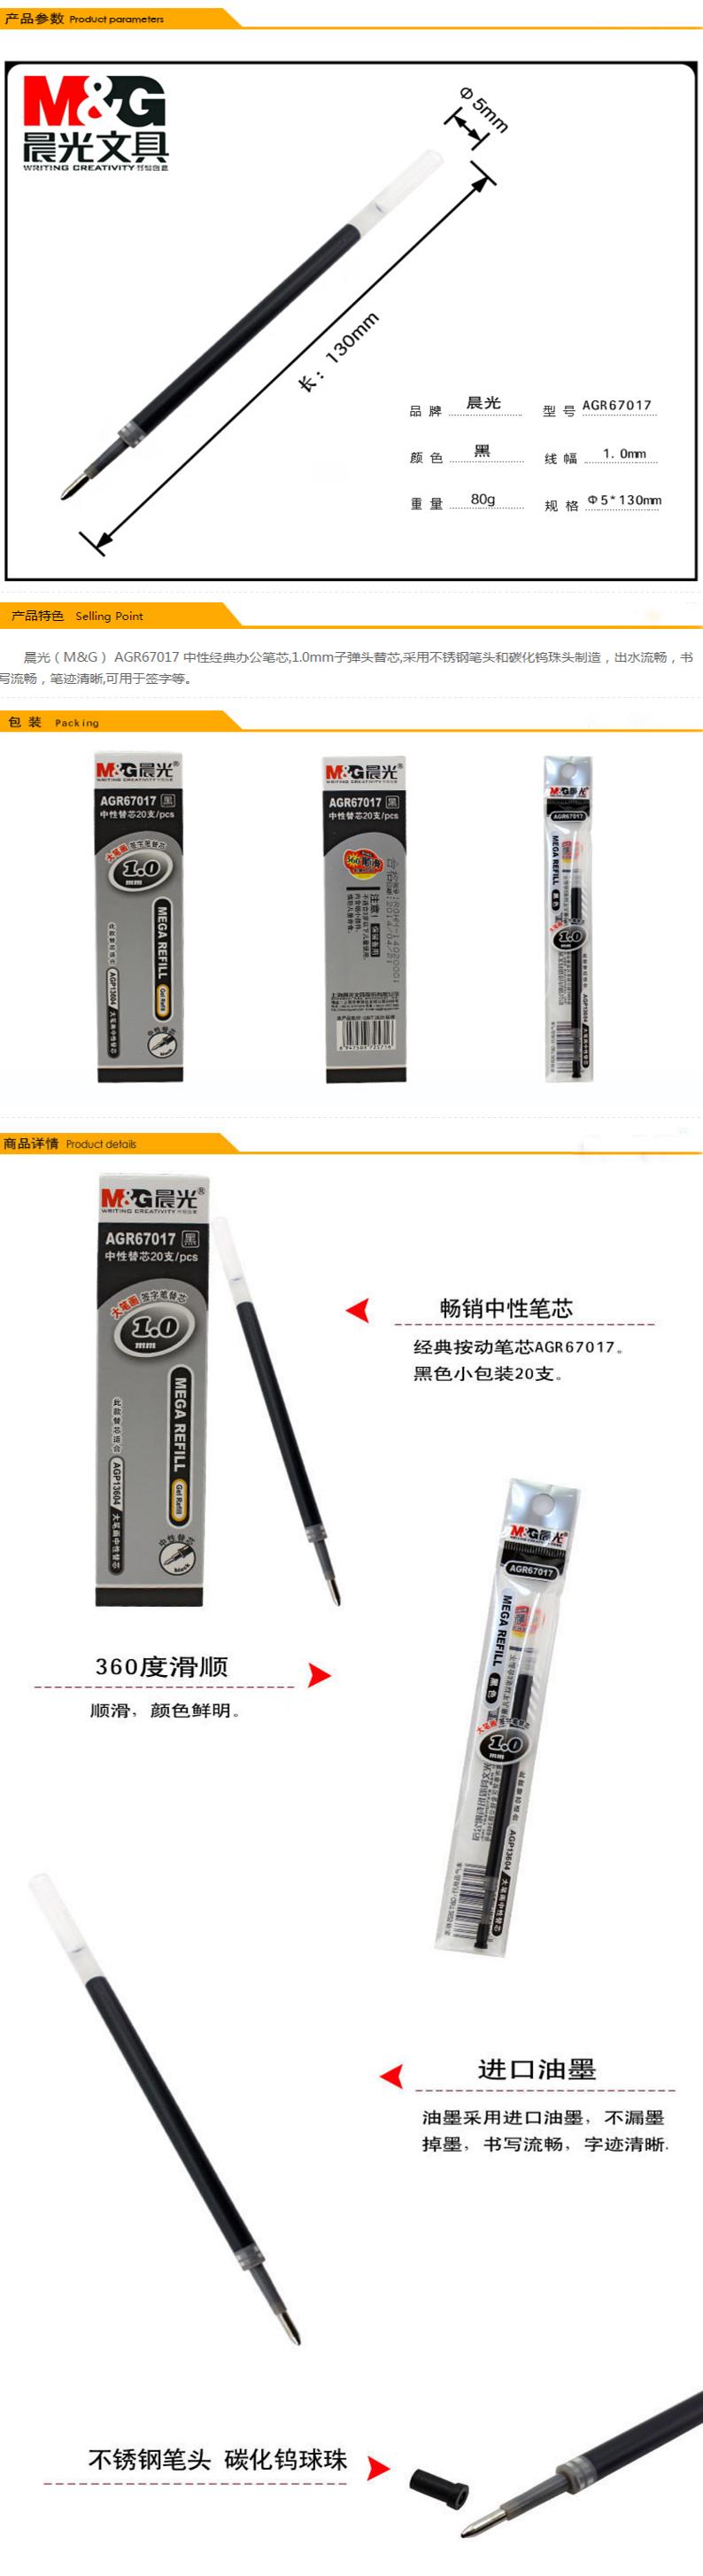 晨光 1.0MM签字笔芯AGR-67017/67074 黑色